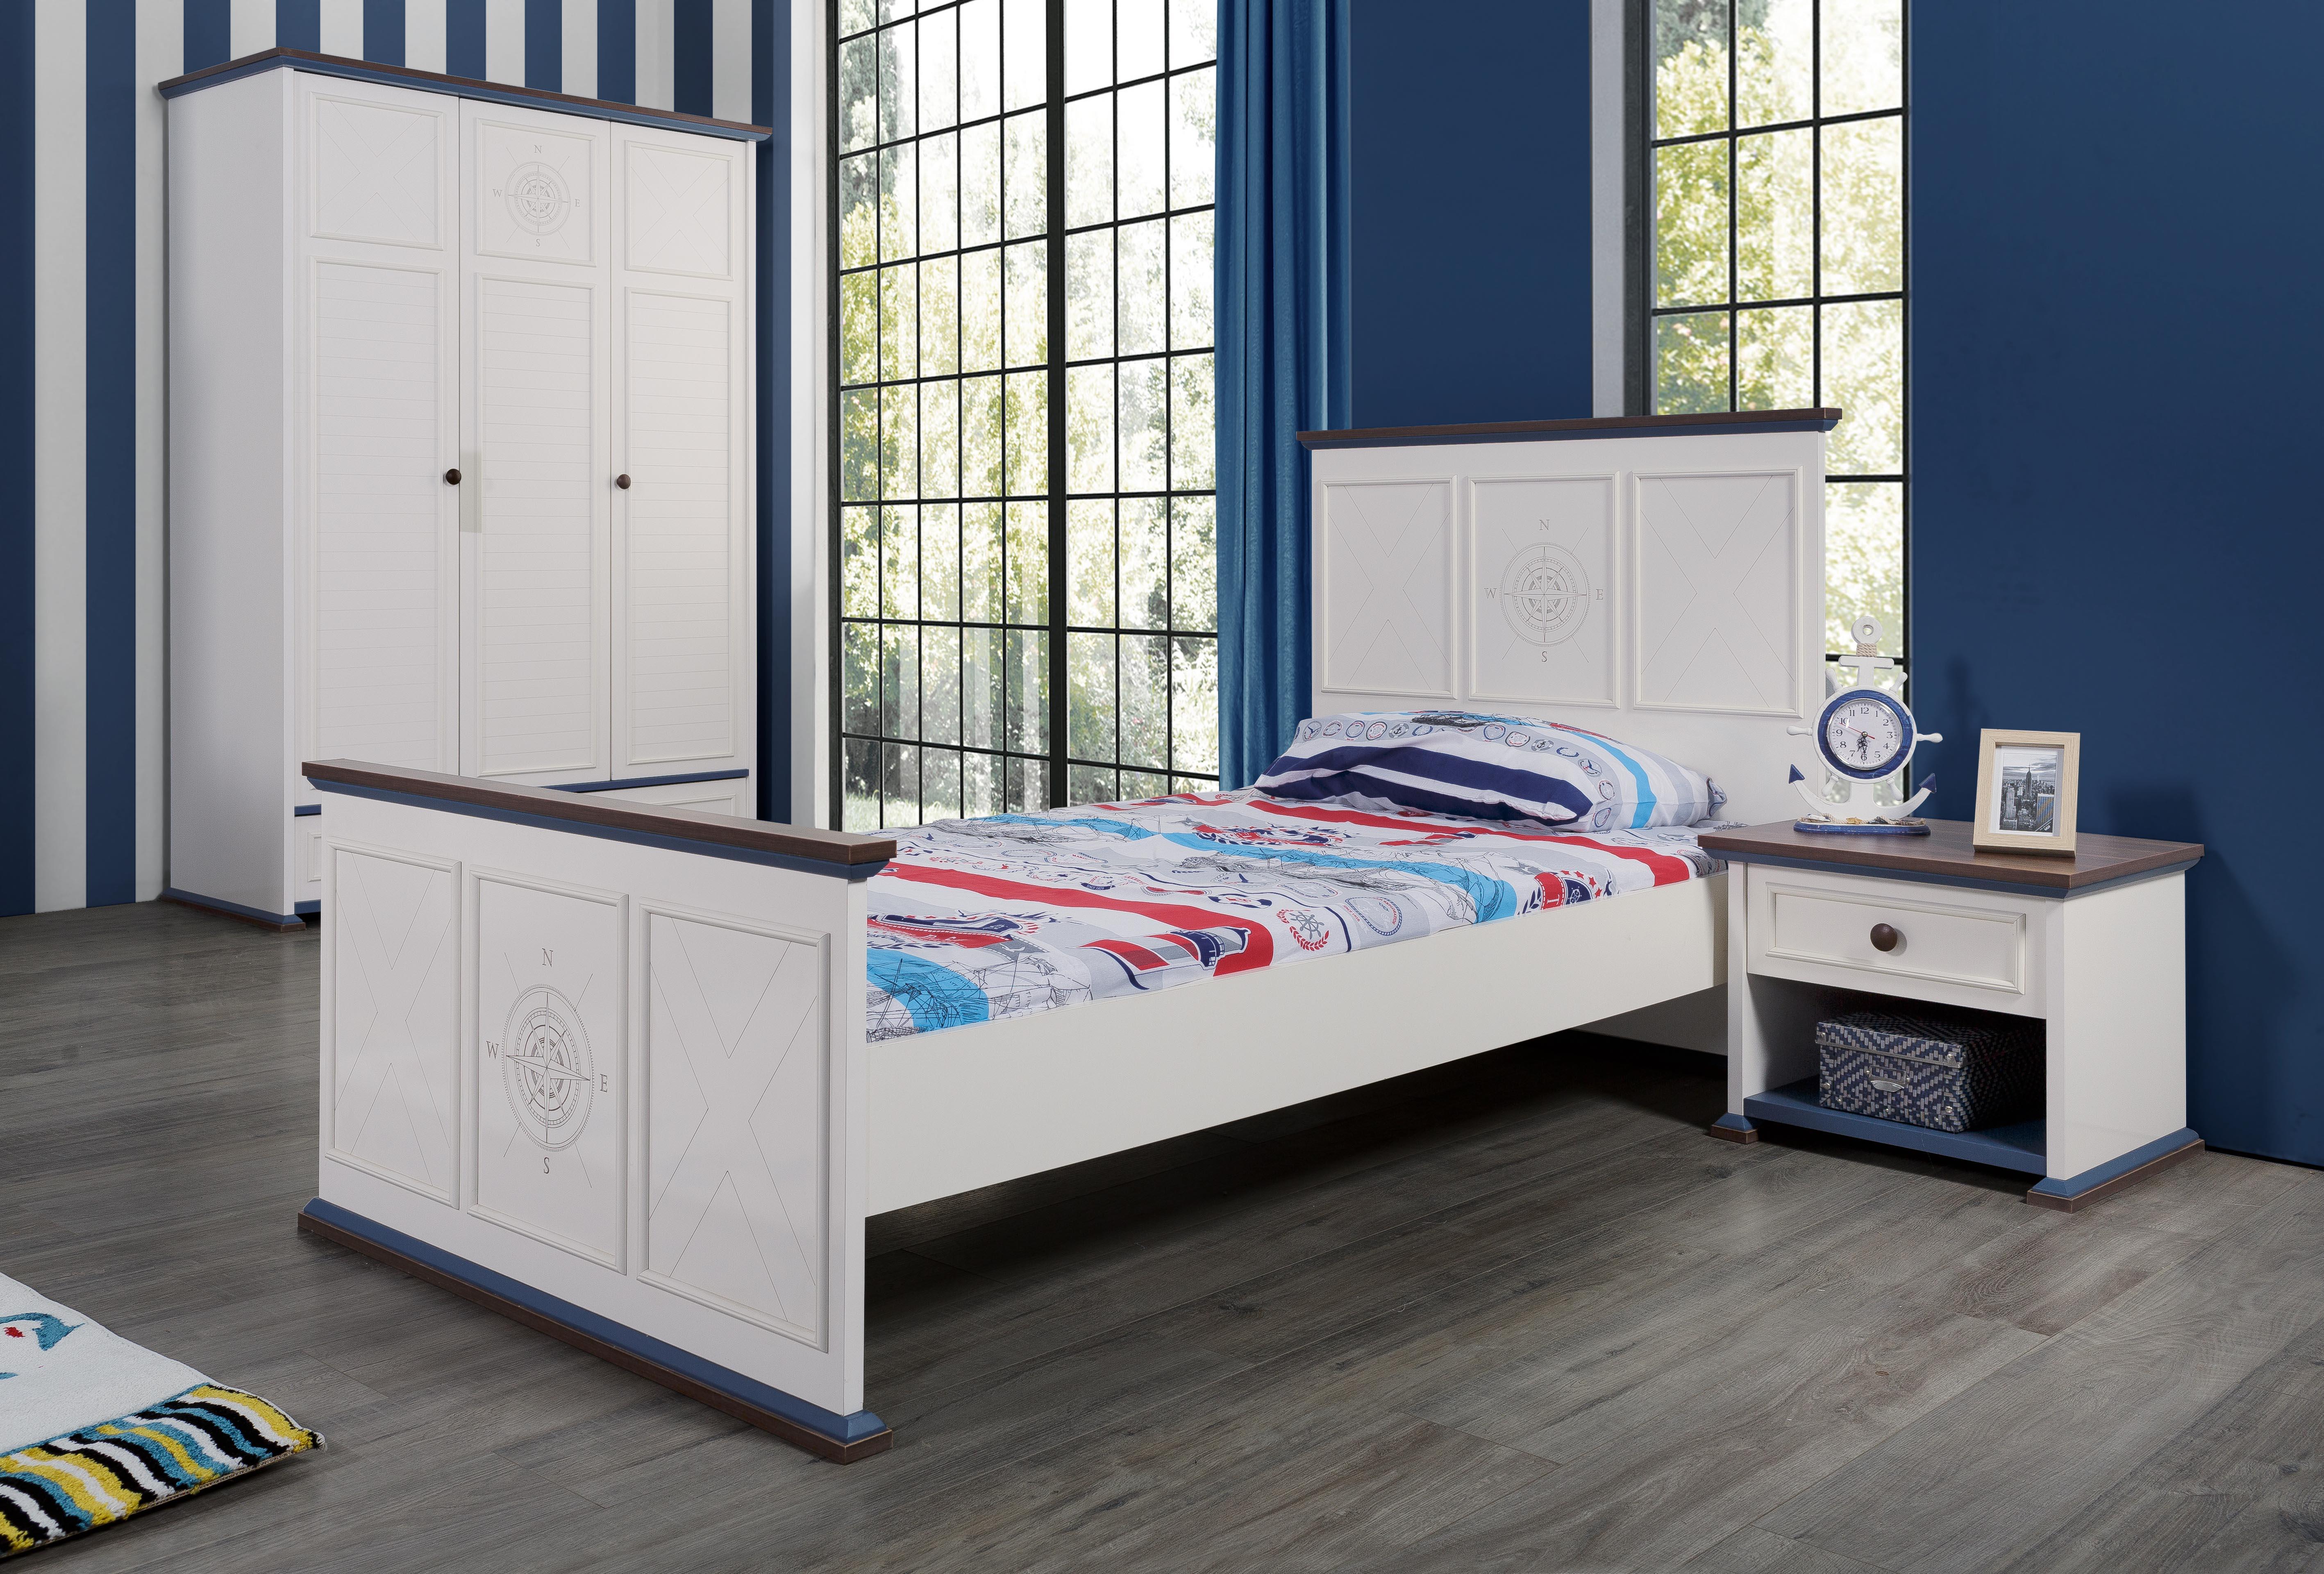 Titi Jugendzimmer komplett in Weiß Marine 3-teilig